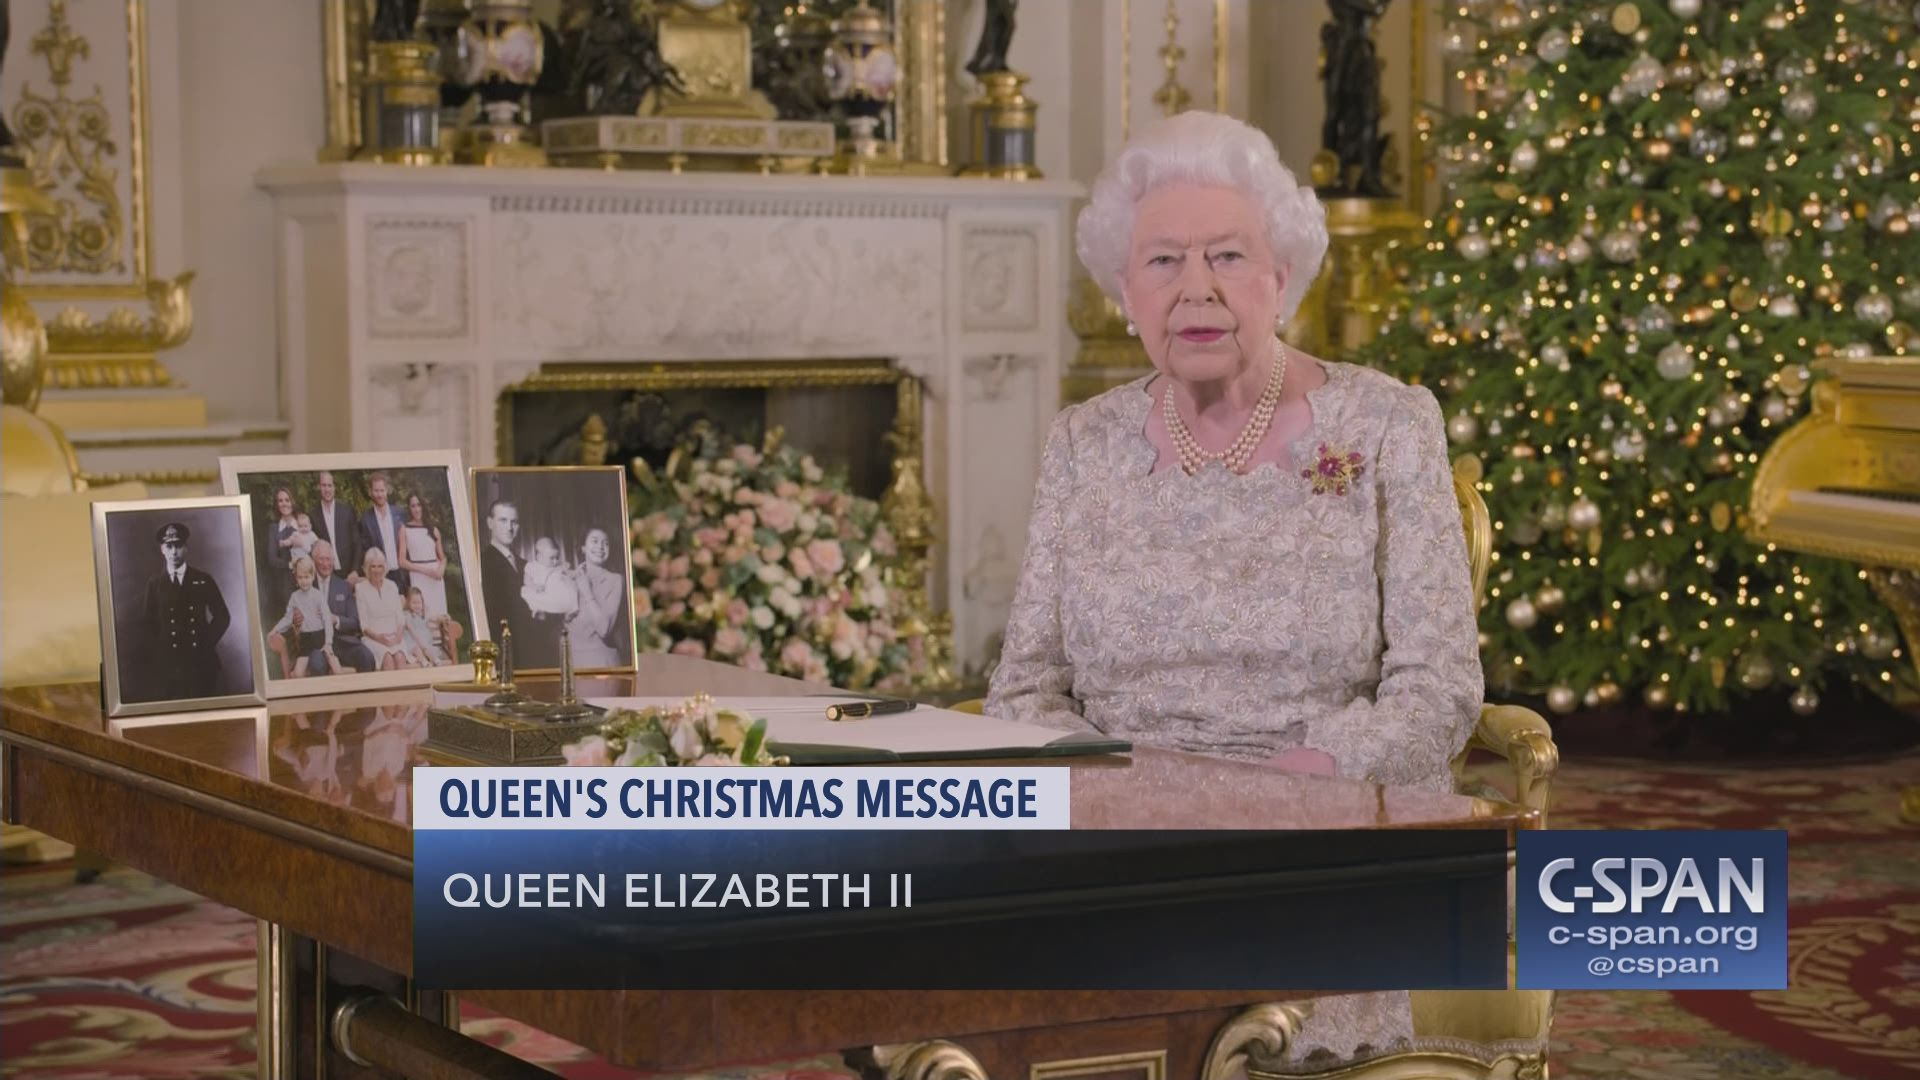 Queen Elizabeth Ii - Christmas Message 2020 Queen Elizabeth II Christmas Message | C SPAN.org